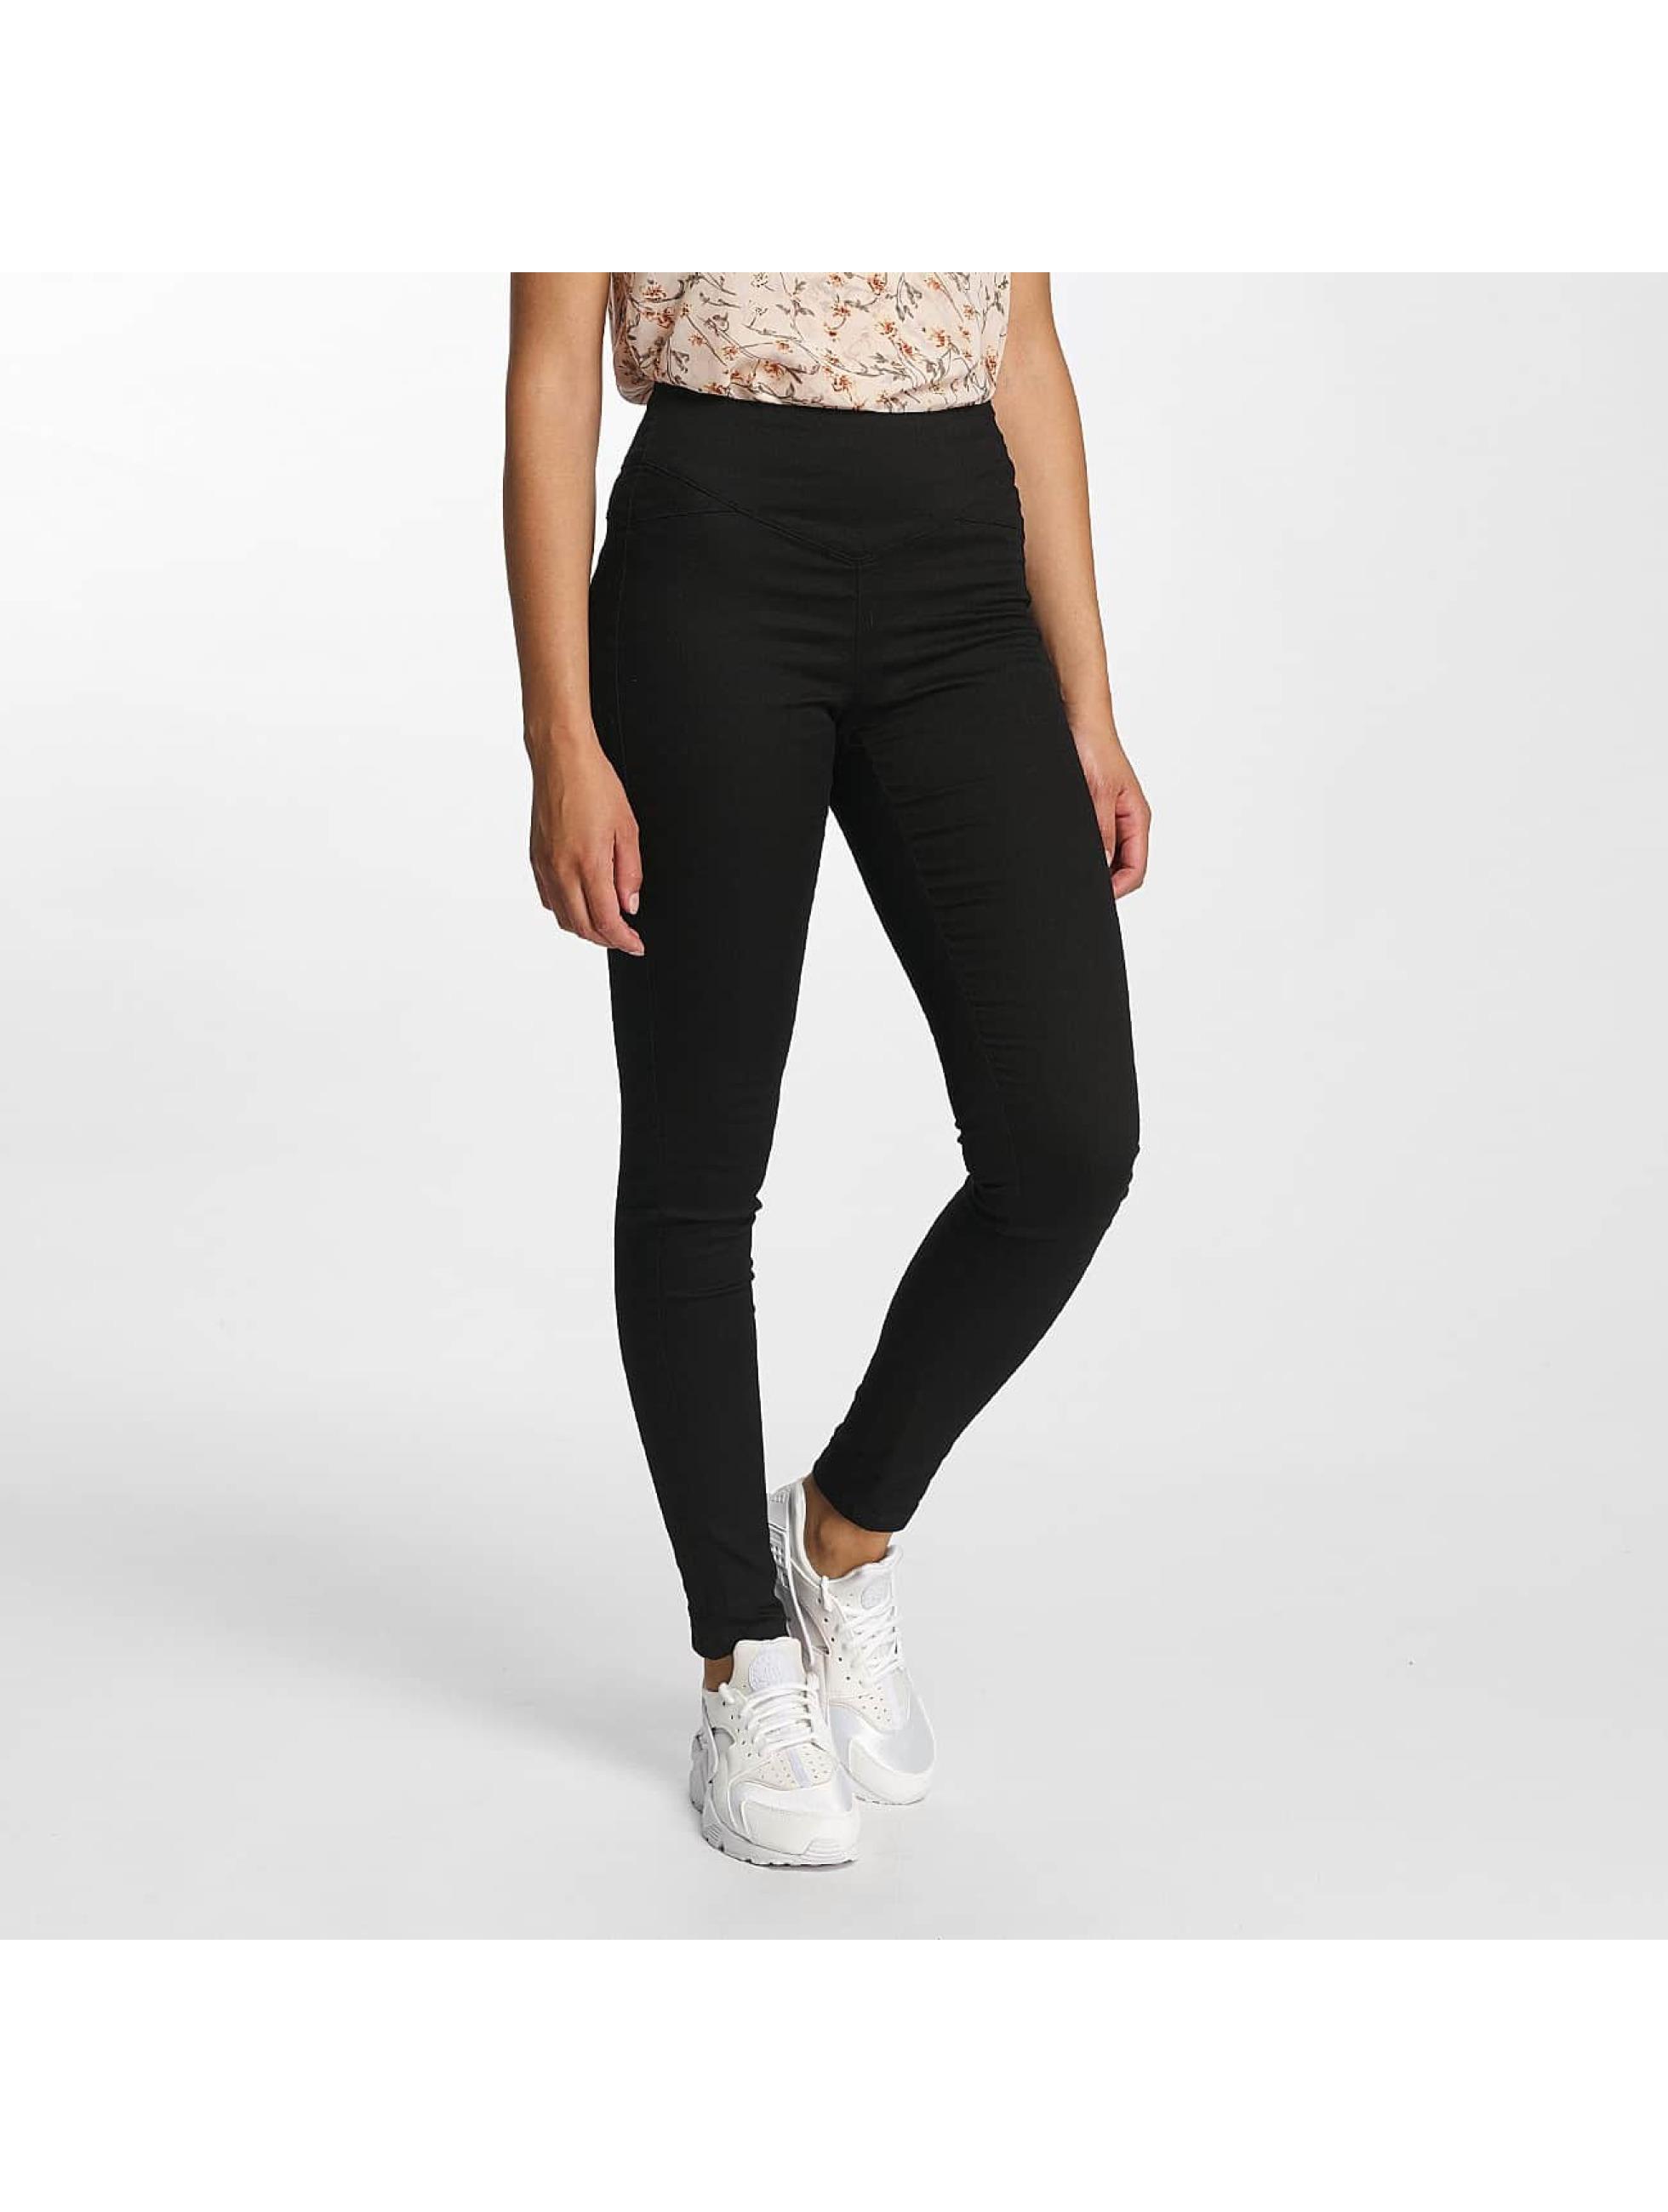 Vero Moda Frauen High Waist Jeans vmHot in schwarz